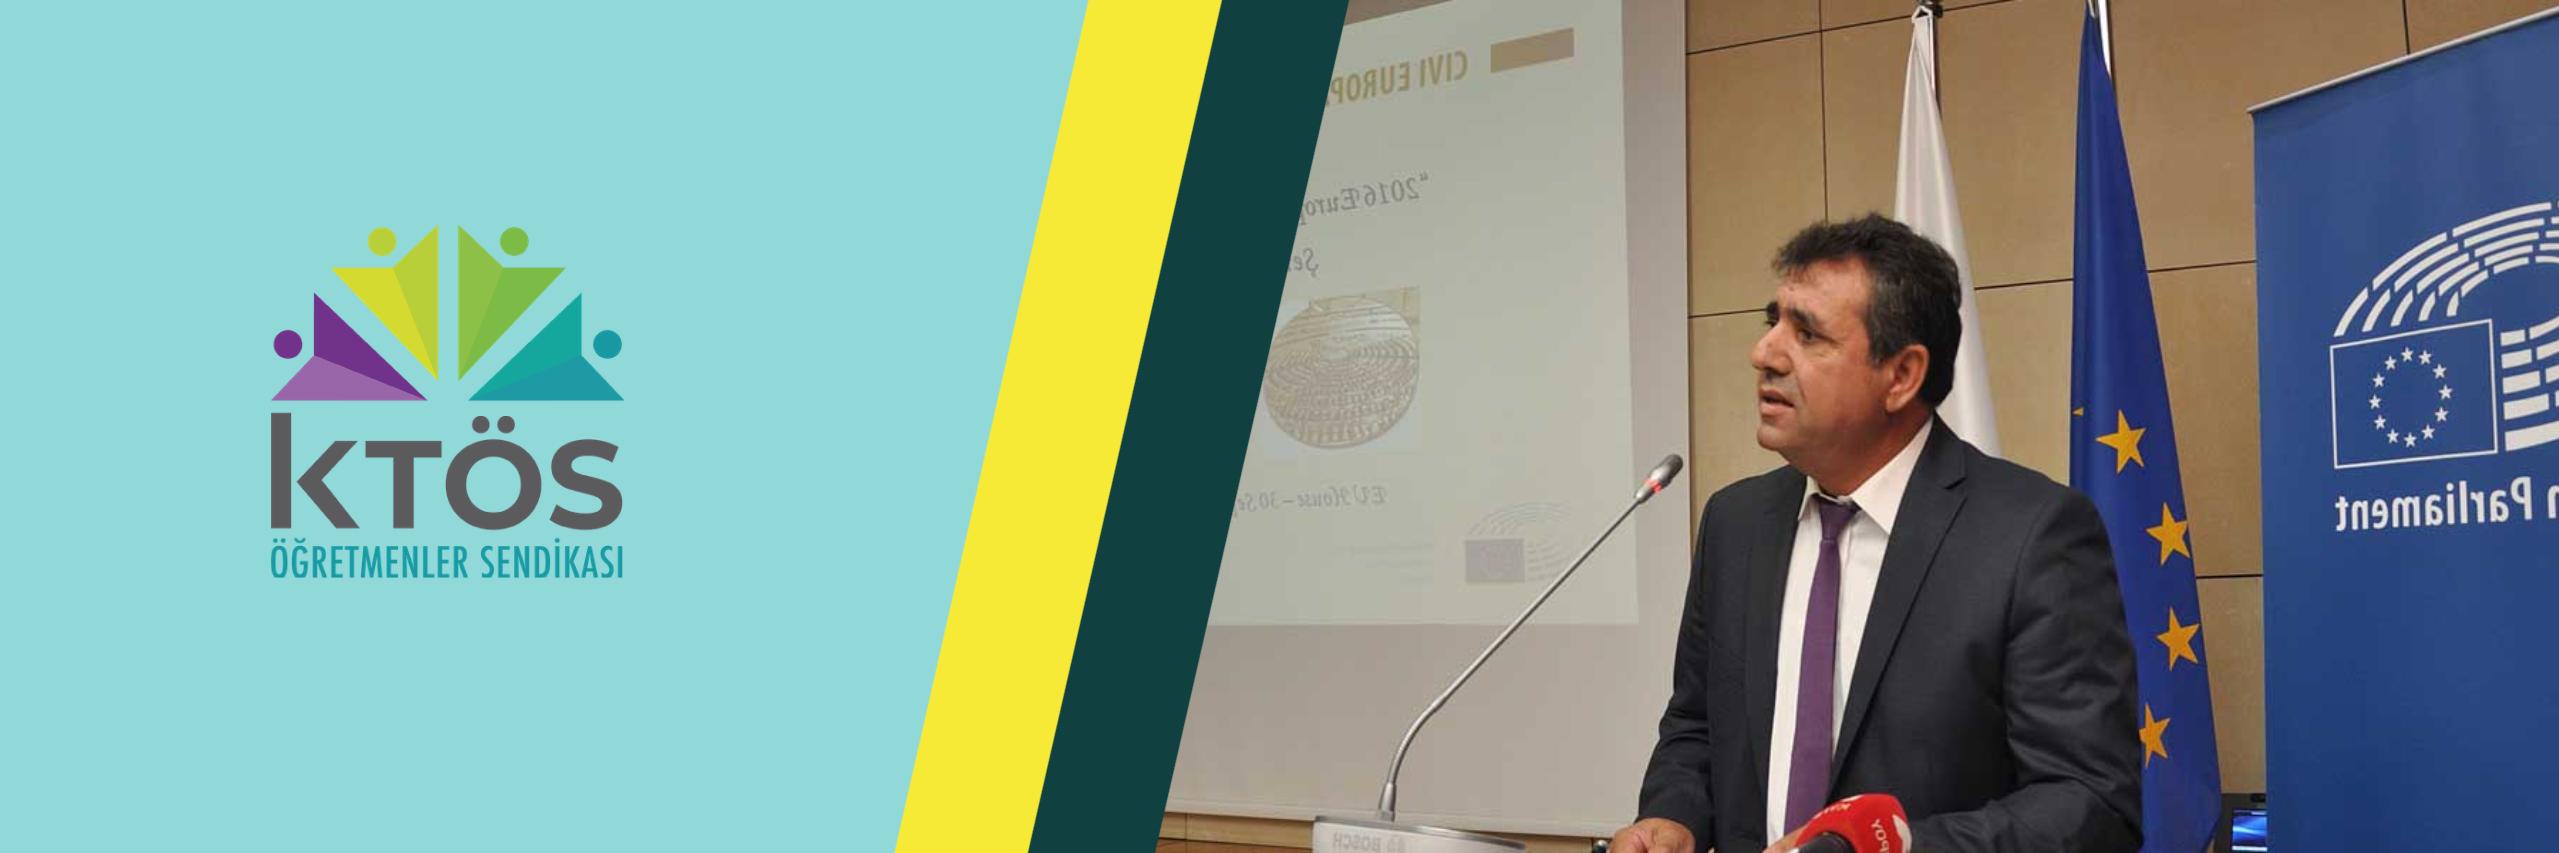 Sn. Tatar'ın izlediği siyaset Kıbrıslı Türkler'i Avrupa Birliği'nden koparmaya yöneliktir